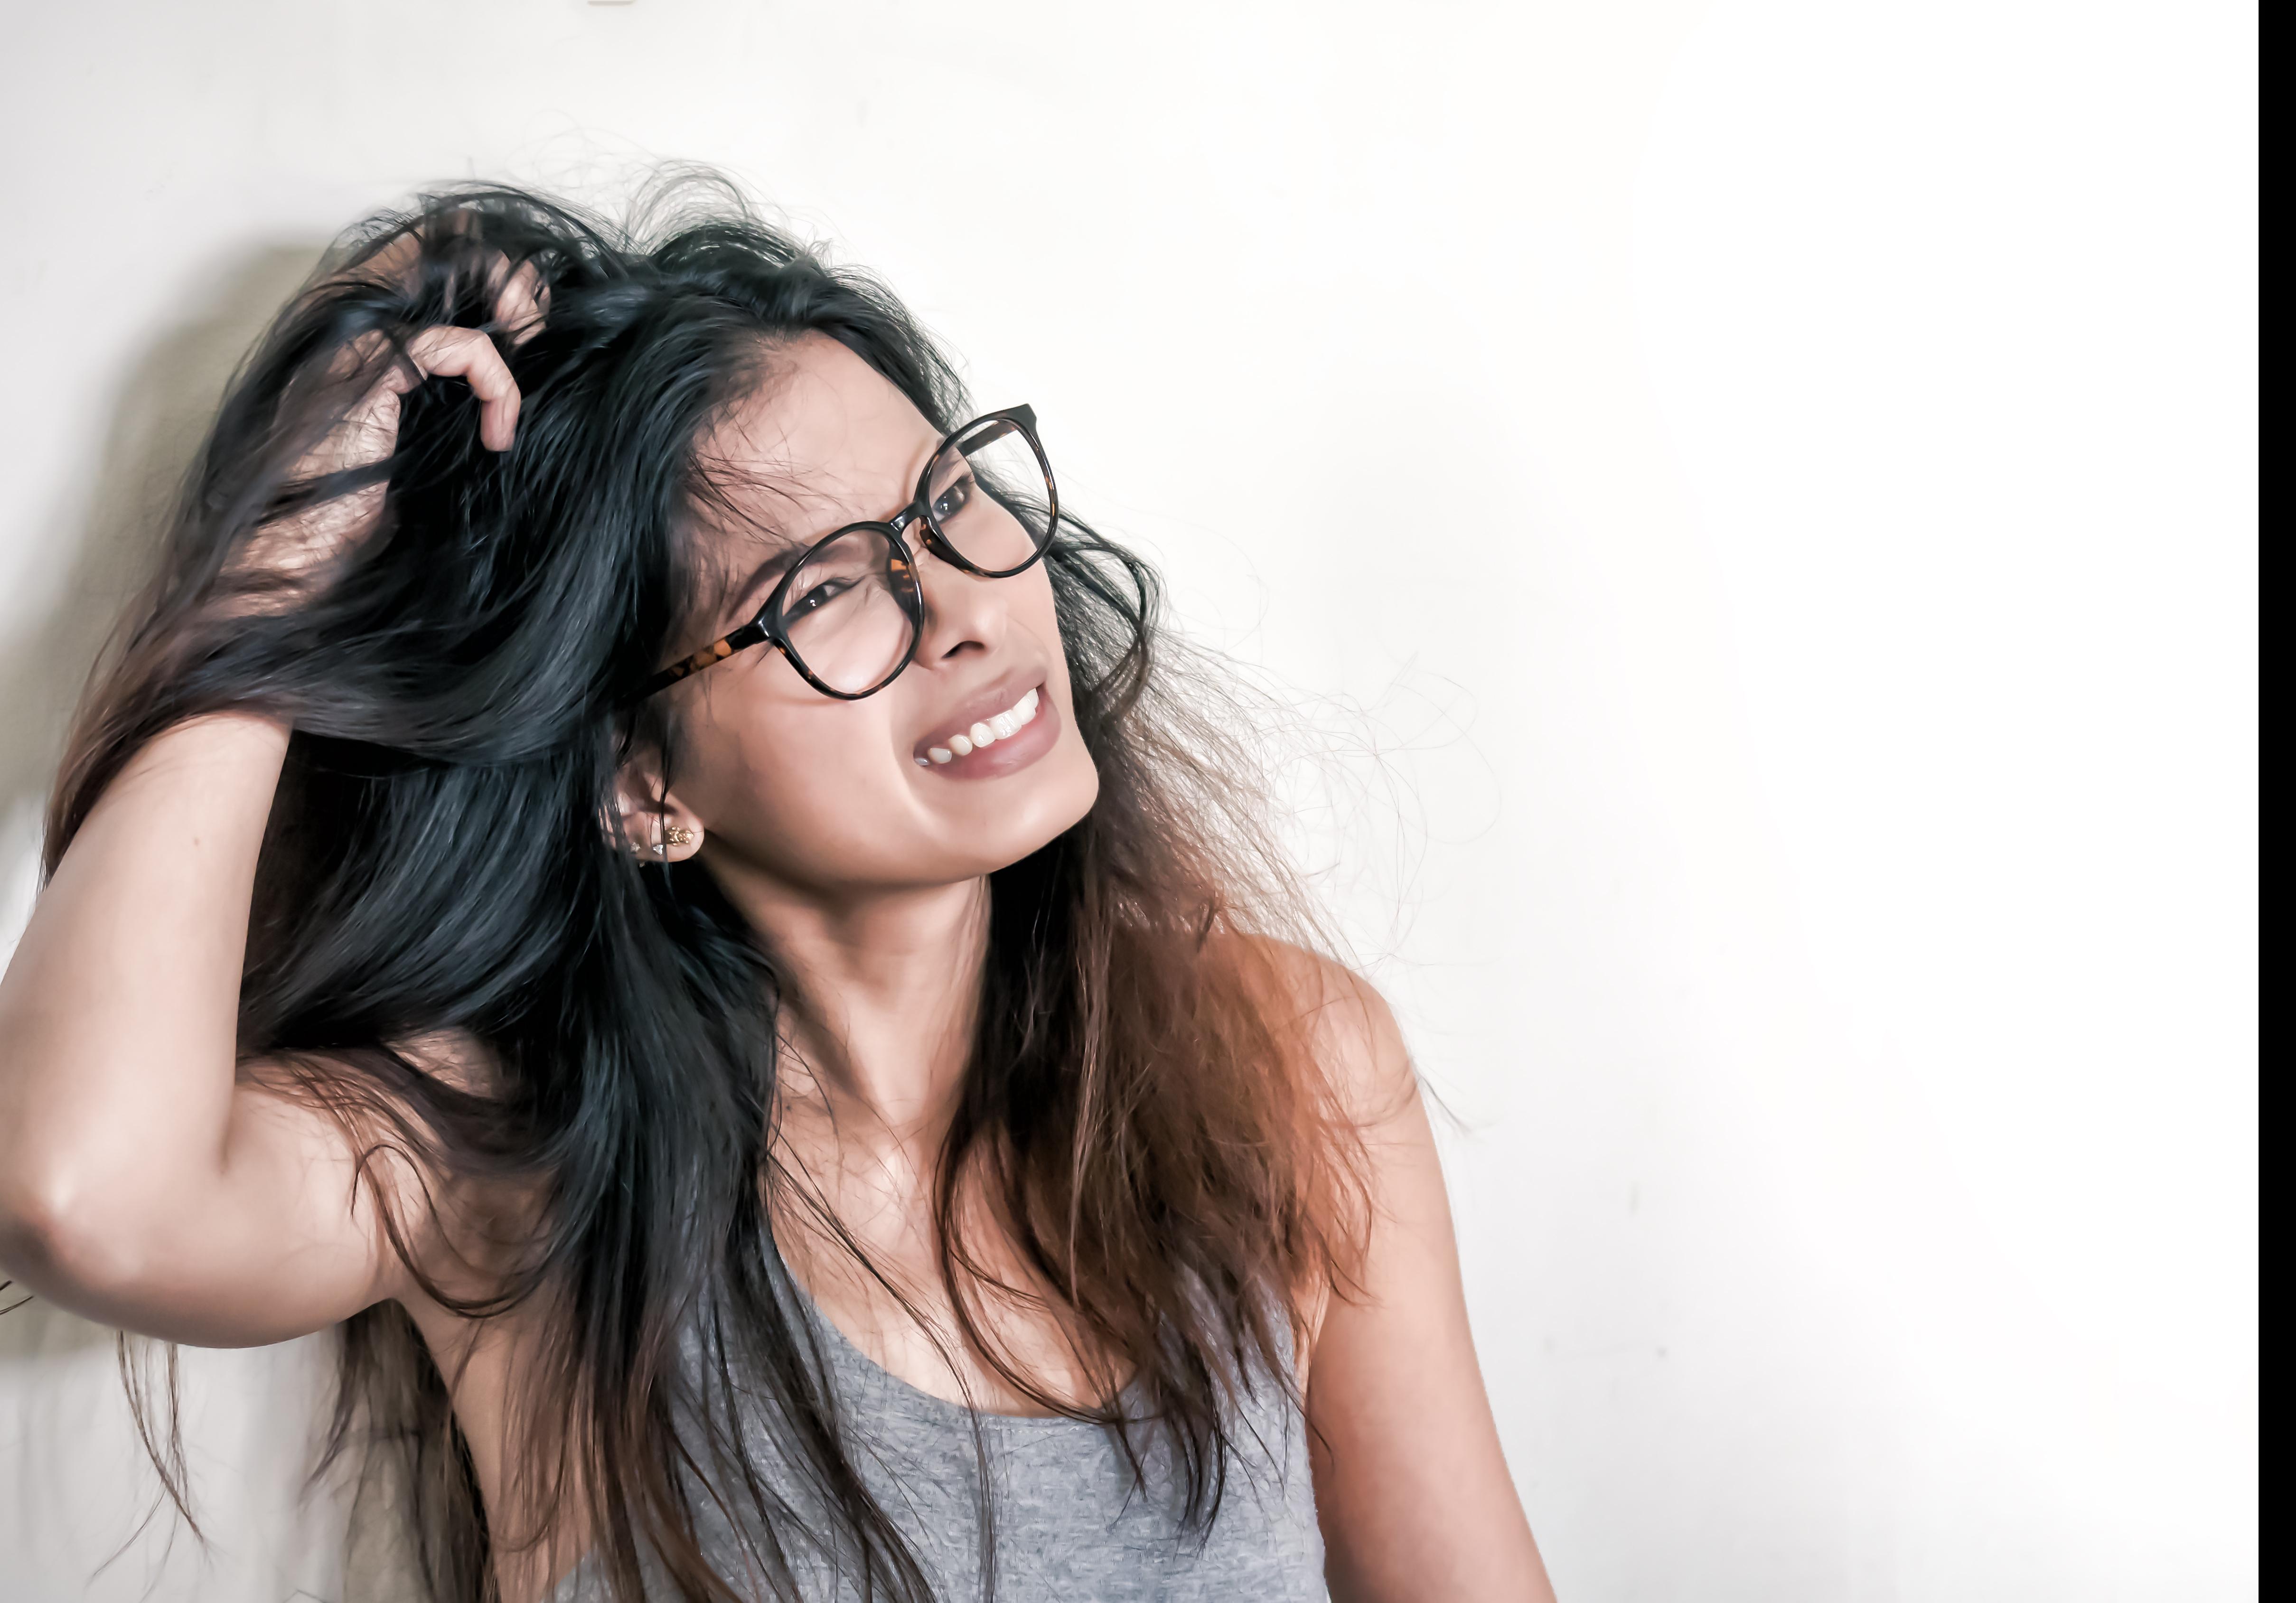 Hårprodukter som schampo, mousse eller spray kan torka ut hår och hårbotten och öka besvären med mjäll.